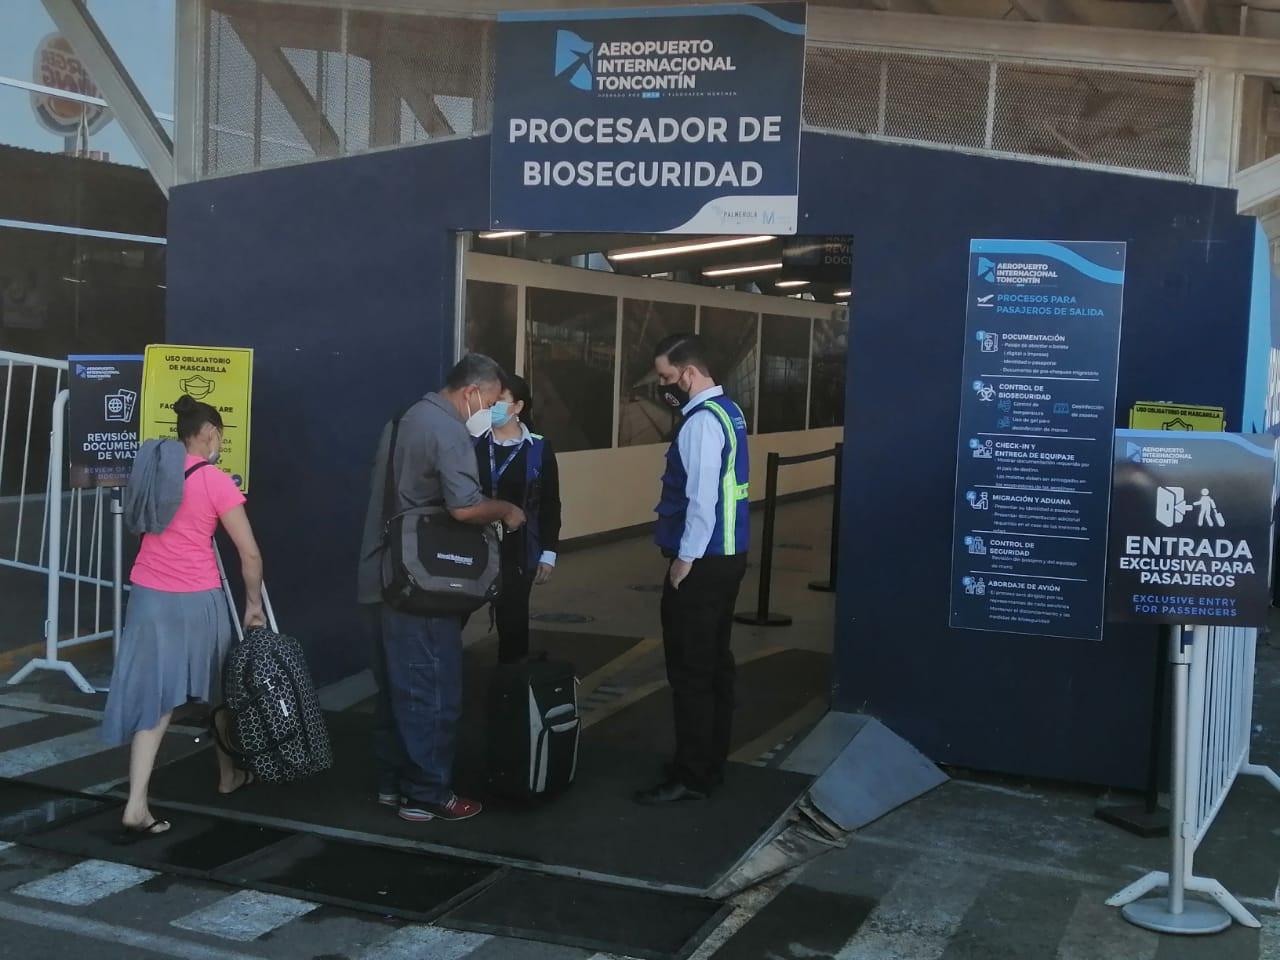 aeropuerto-tegucigalpa-honduras-Pilares de Experiencia: Atención personalizada para los pasajeros